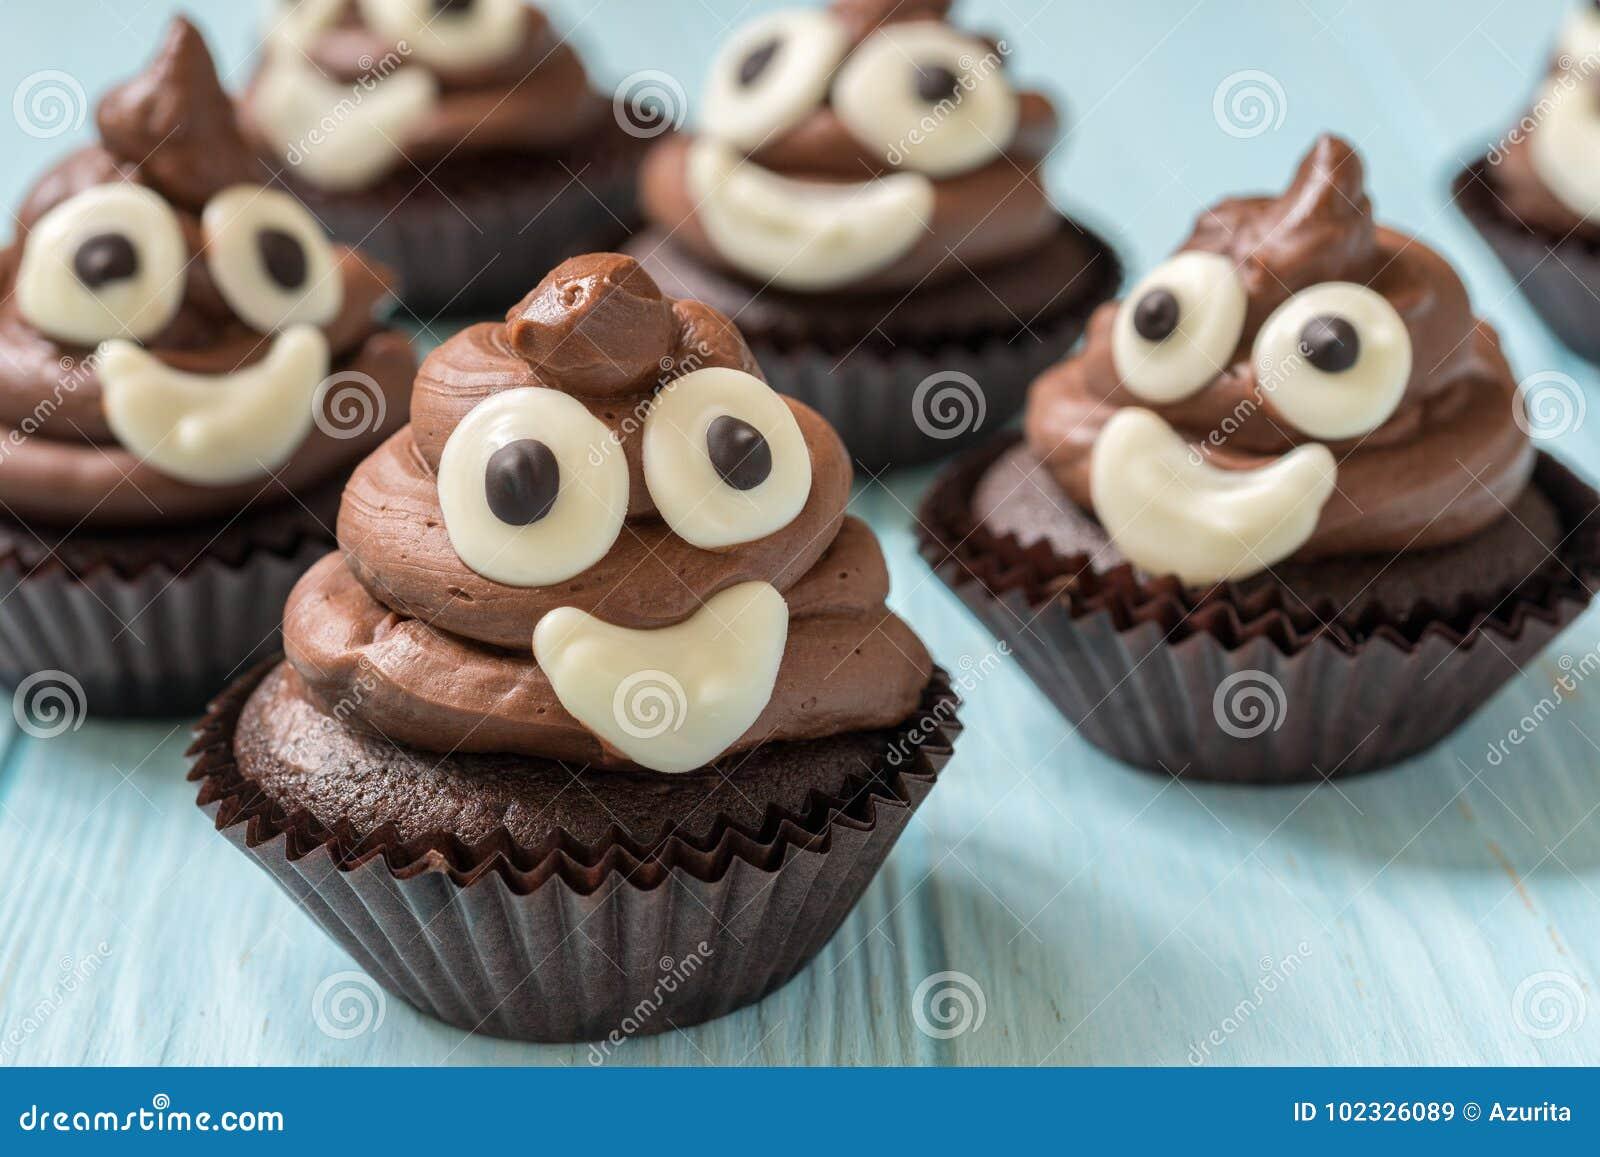 Funny Poop Emoji Chocolate Cupcakes Cute Food Dessert